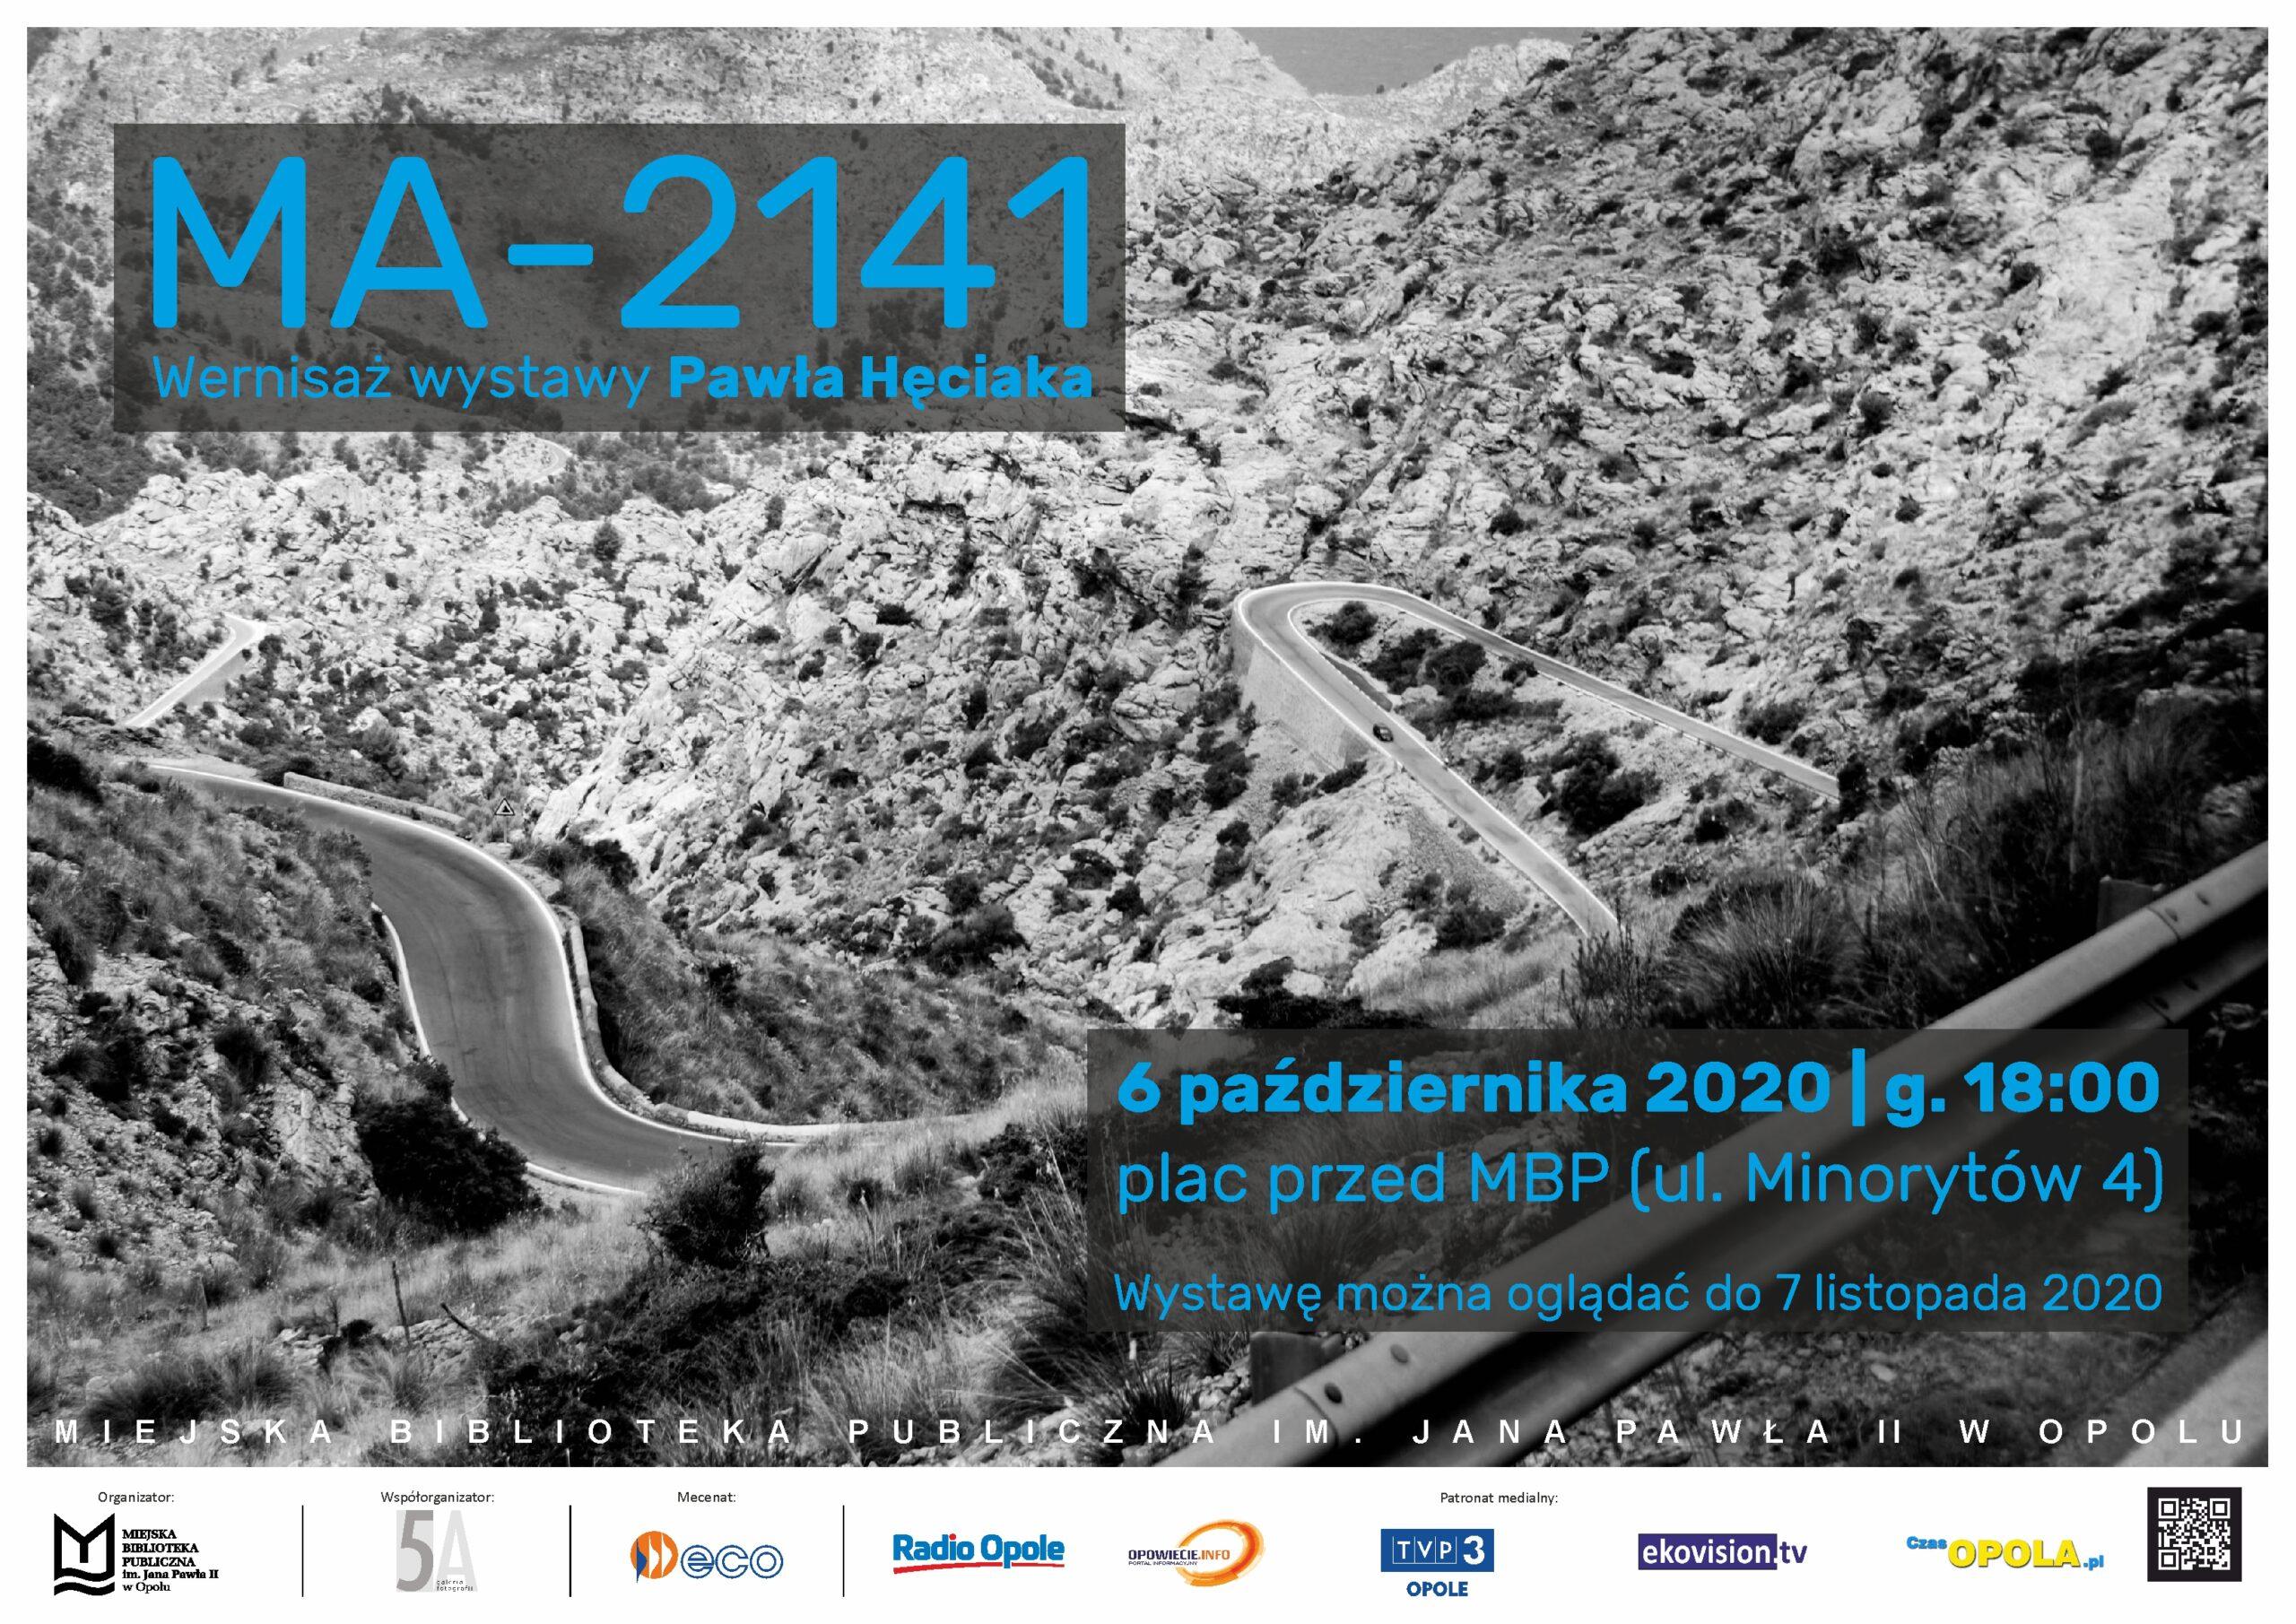 MA-2141 – wernisaż wystawy Pawła Hęciaka